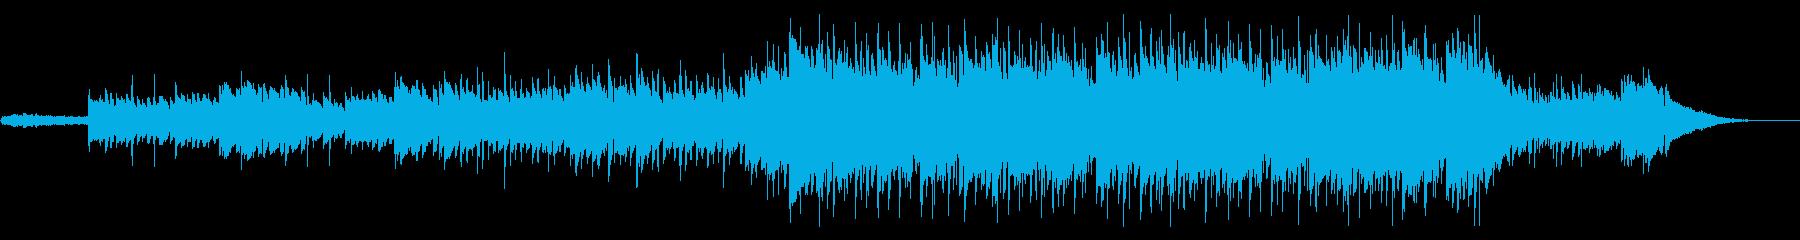 自然感じる温かみのあるバラードの再生済みの波形